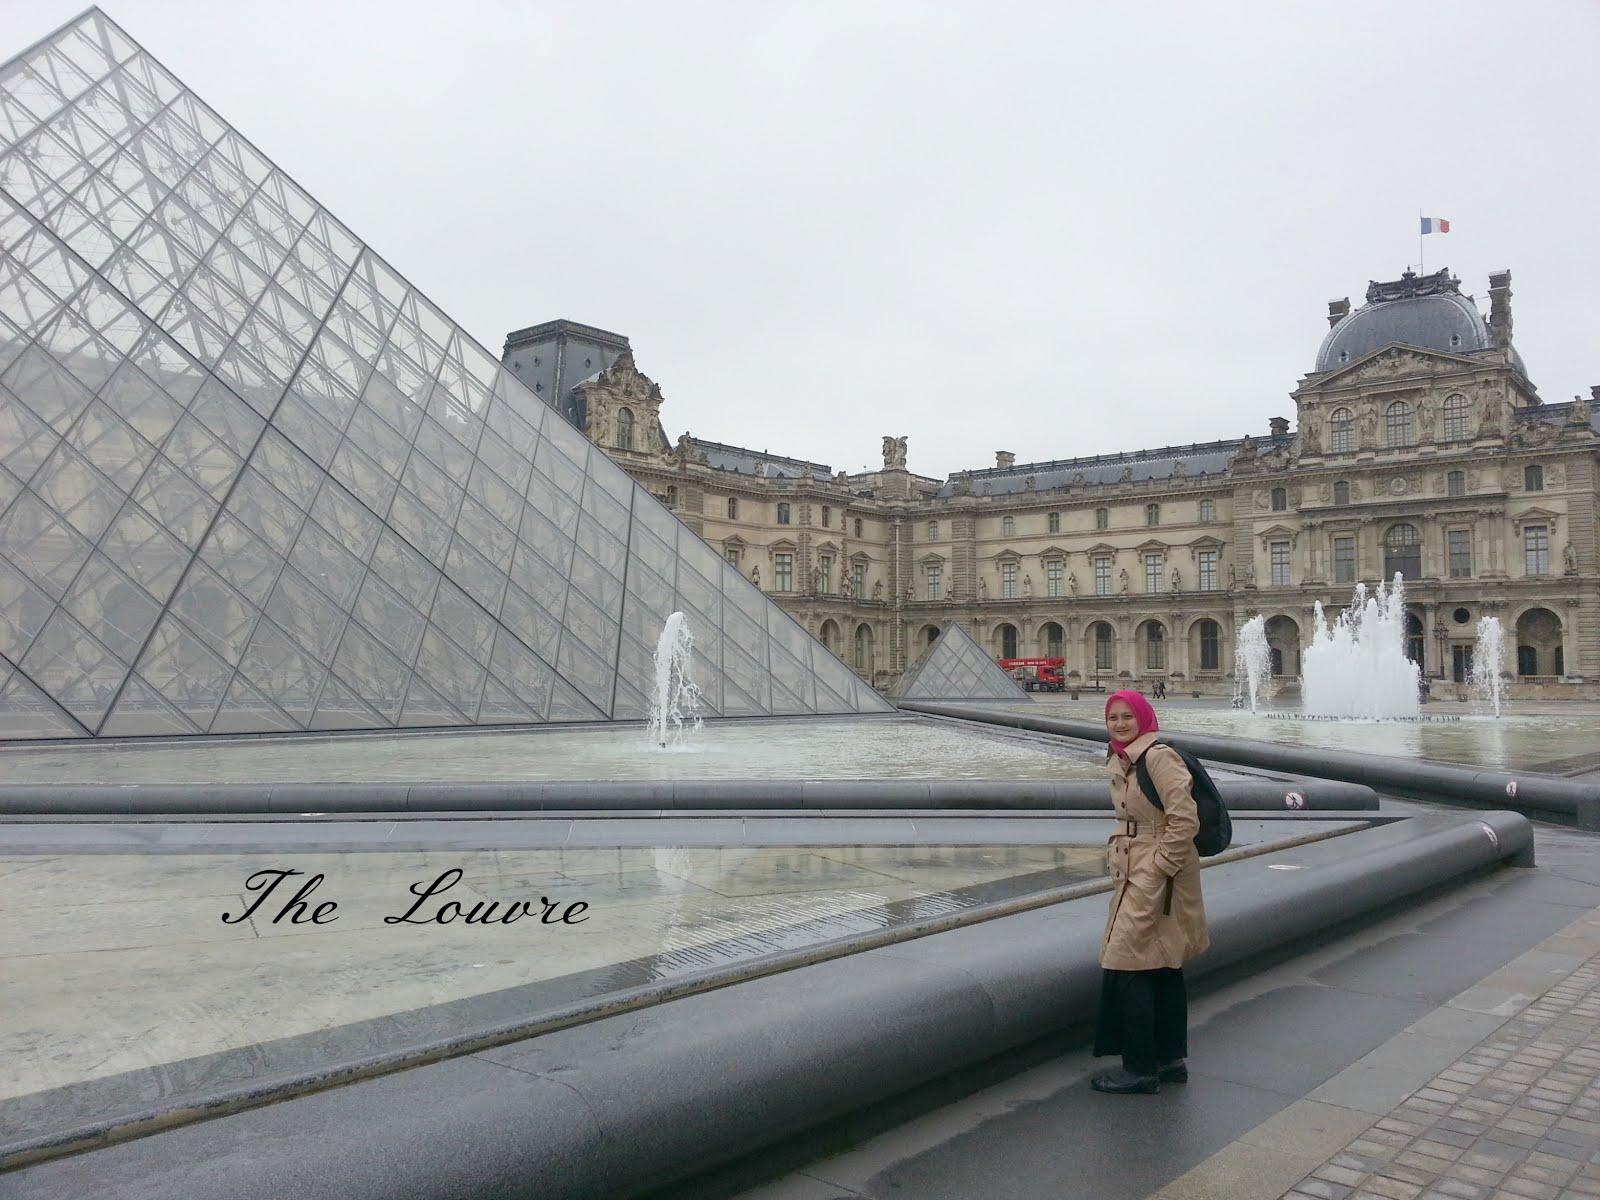 The Lourve, France